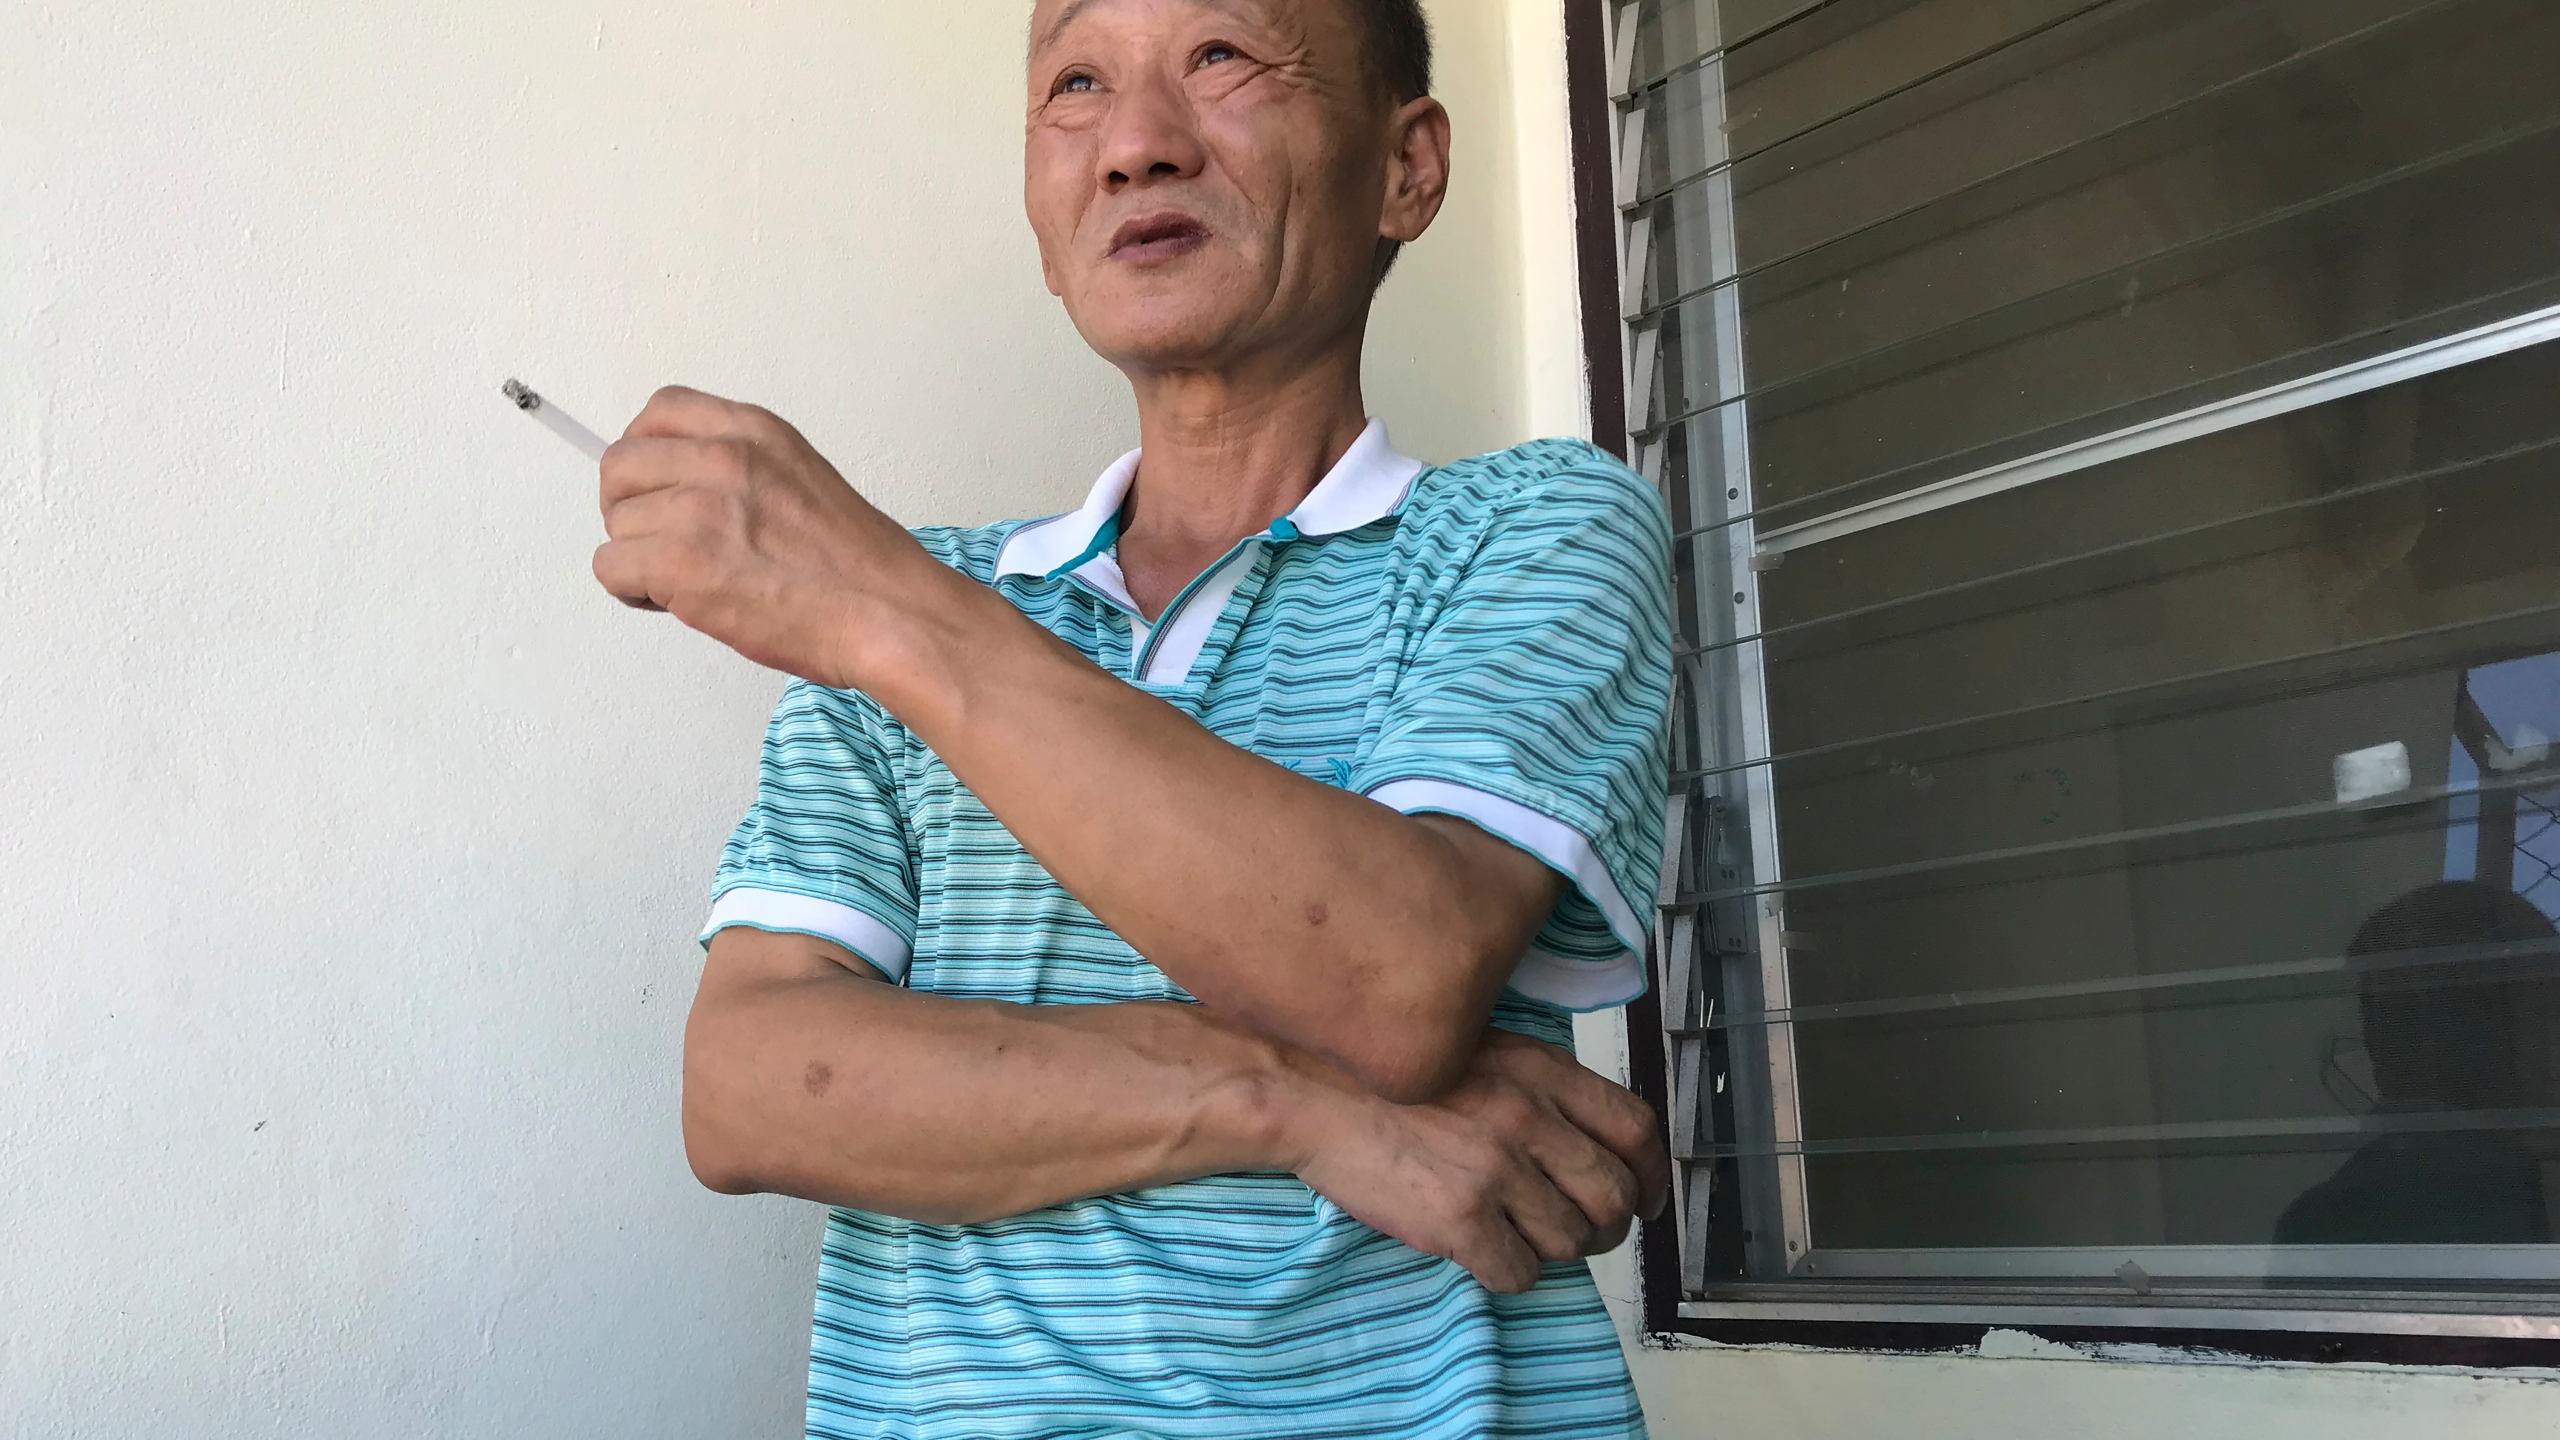 Fan Baolin